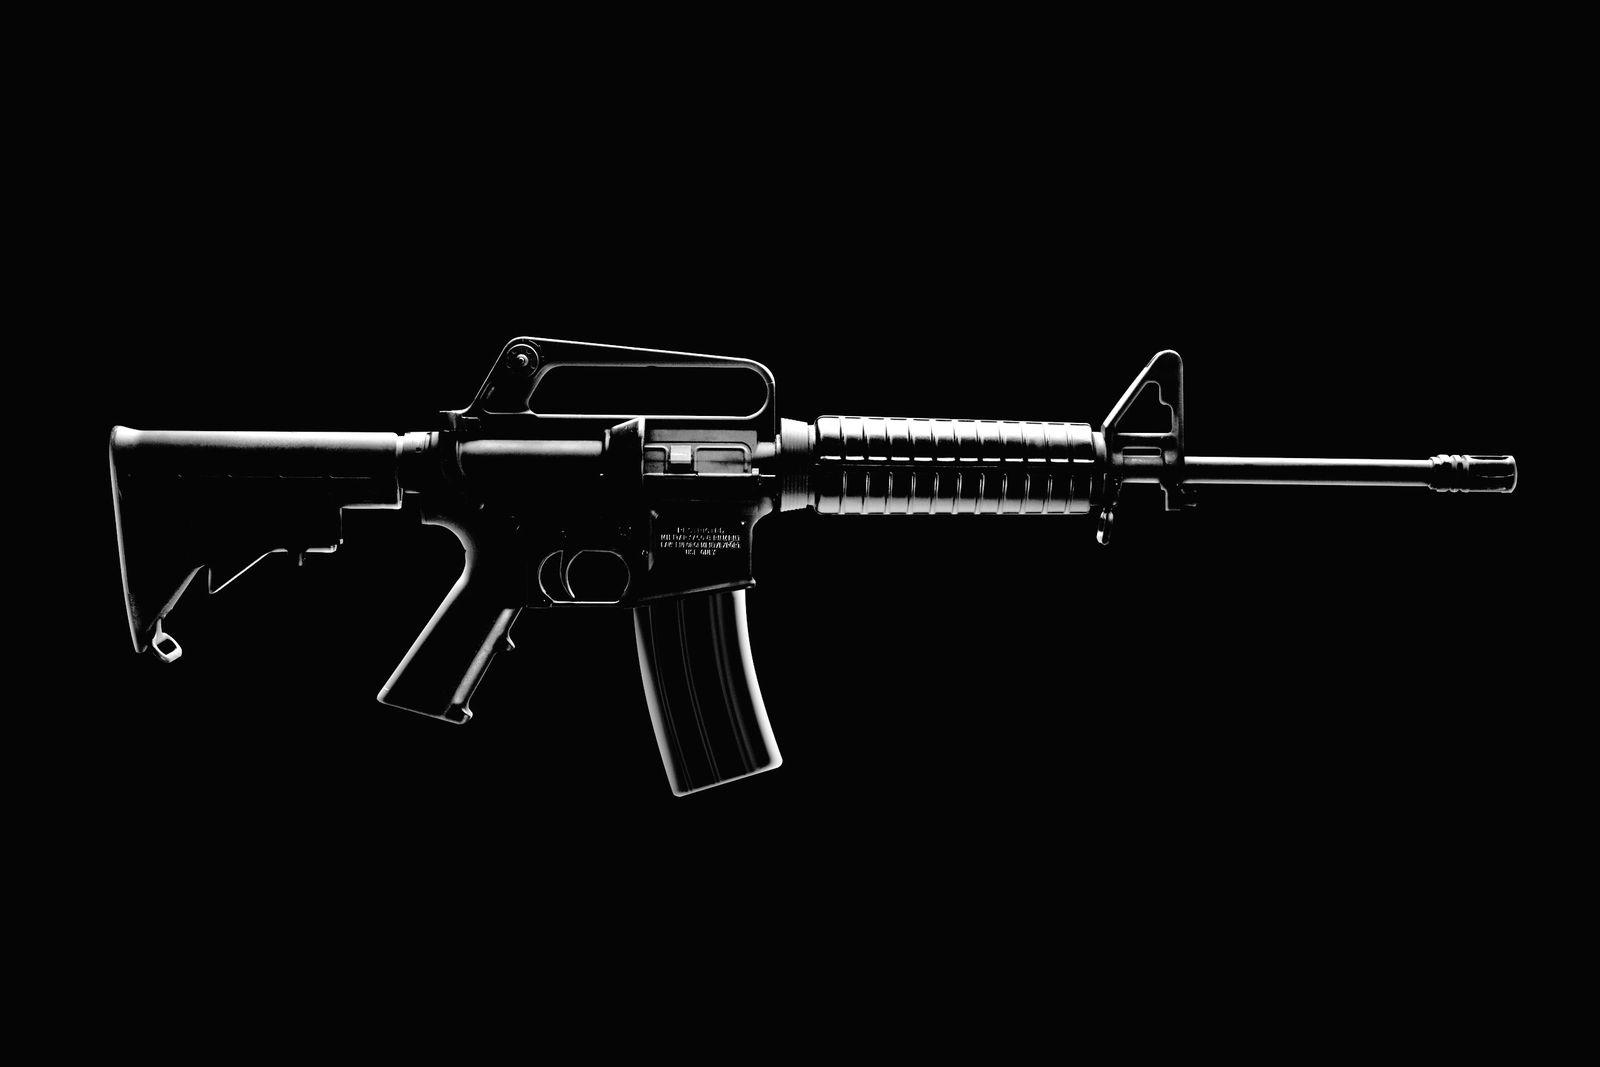 NICHT MEHR VERWENDEN! - Sturmgewehr